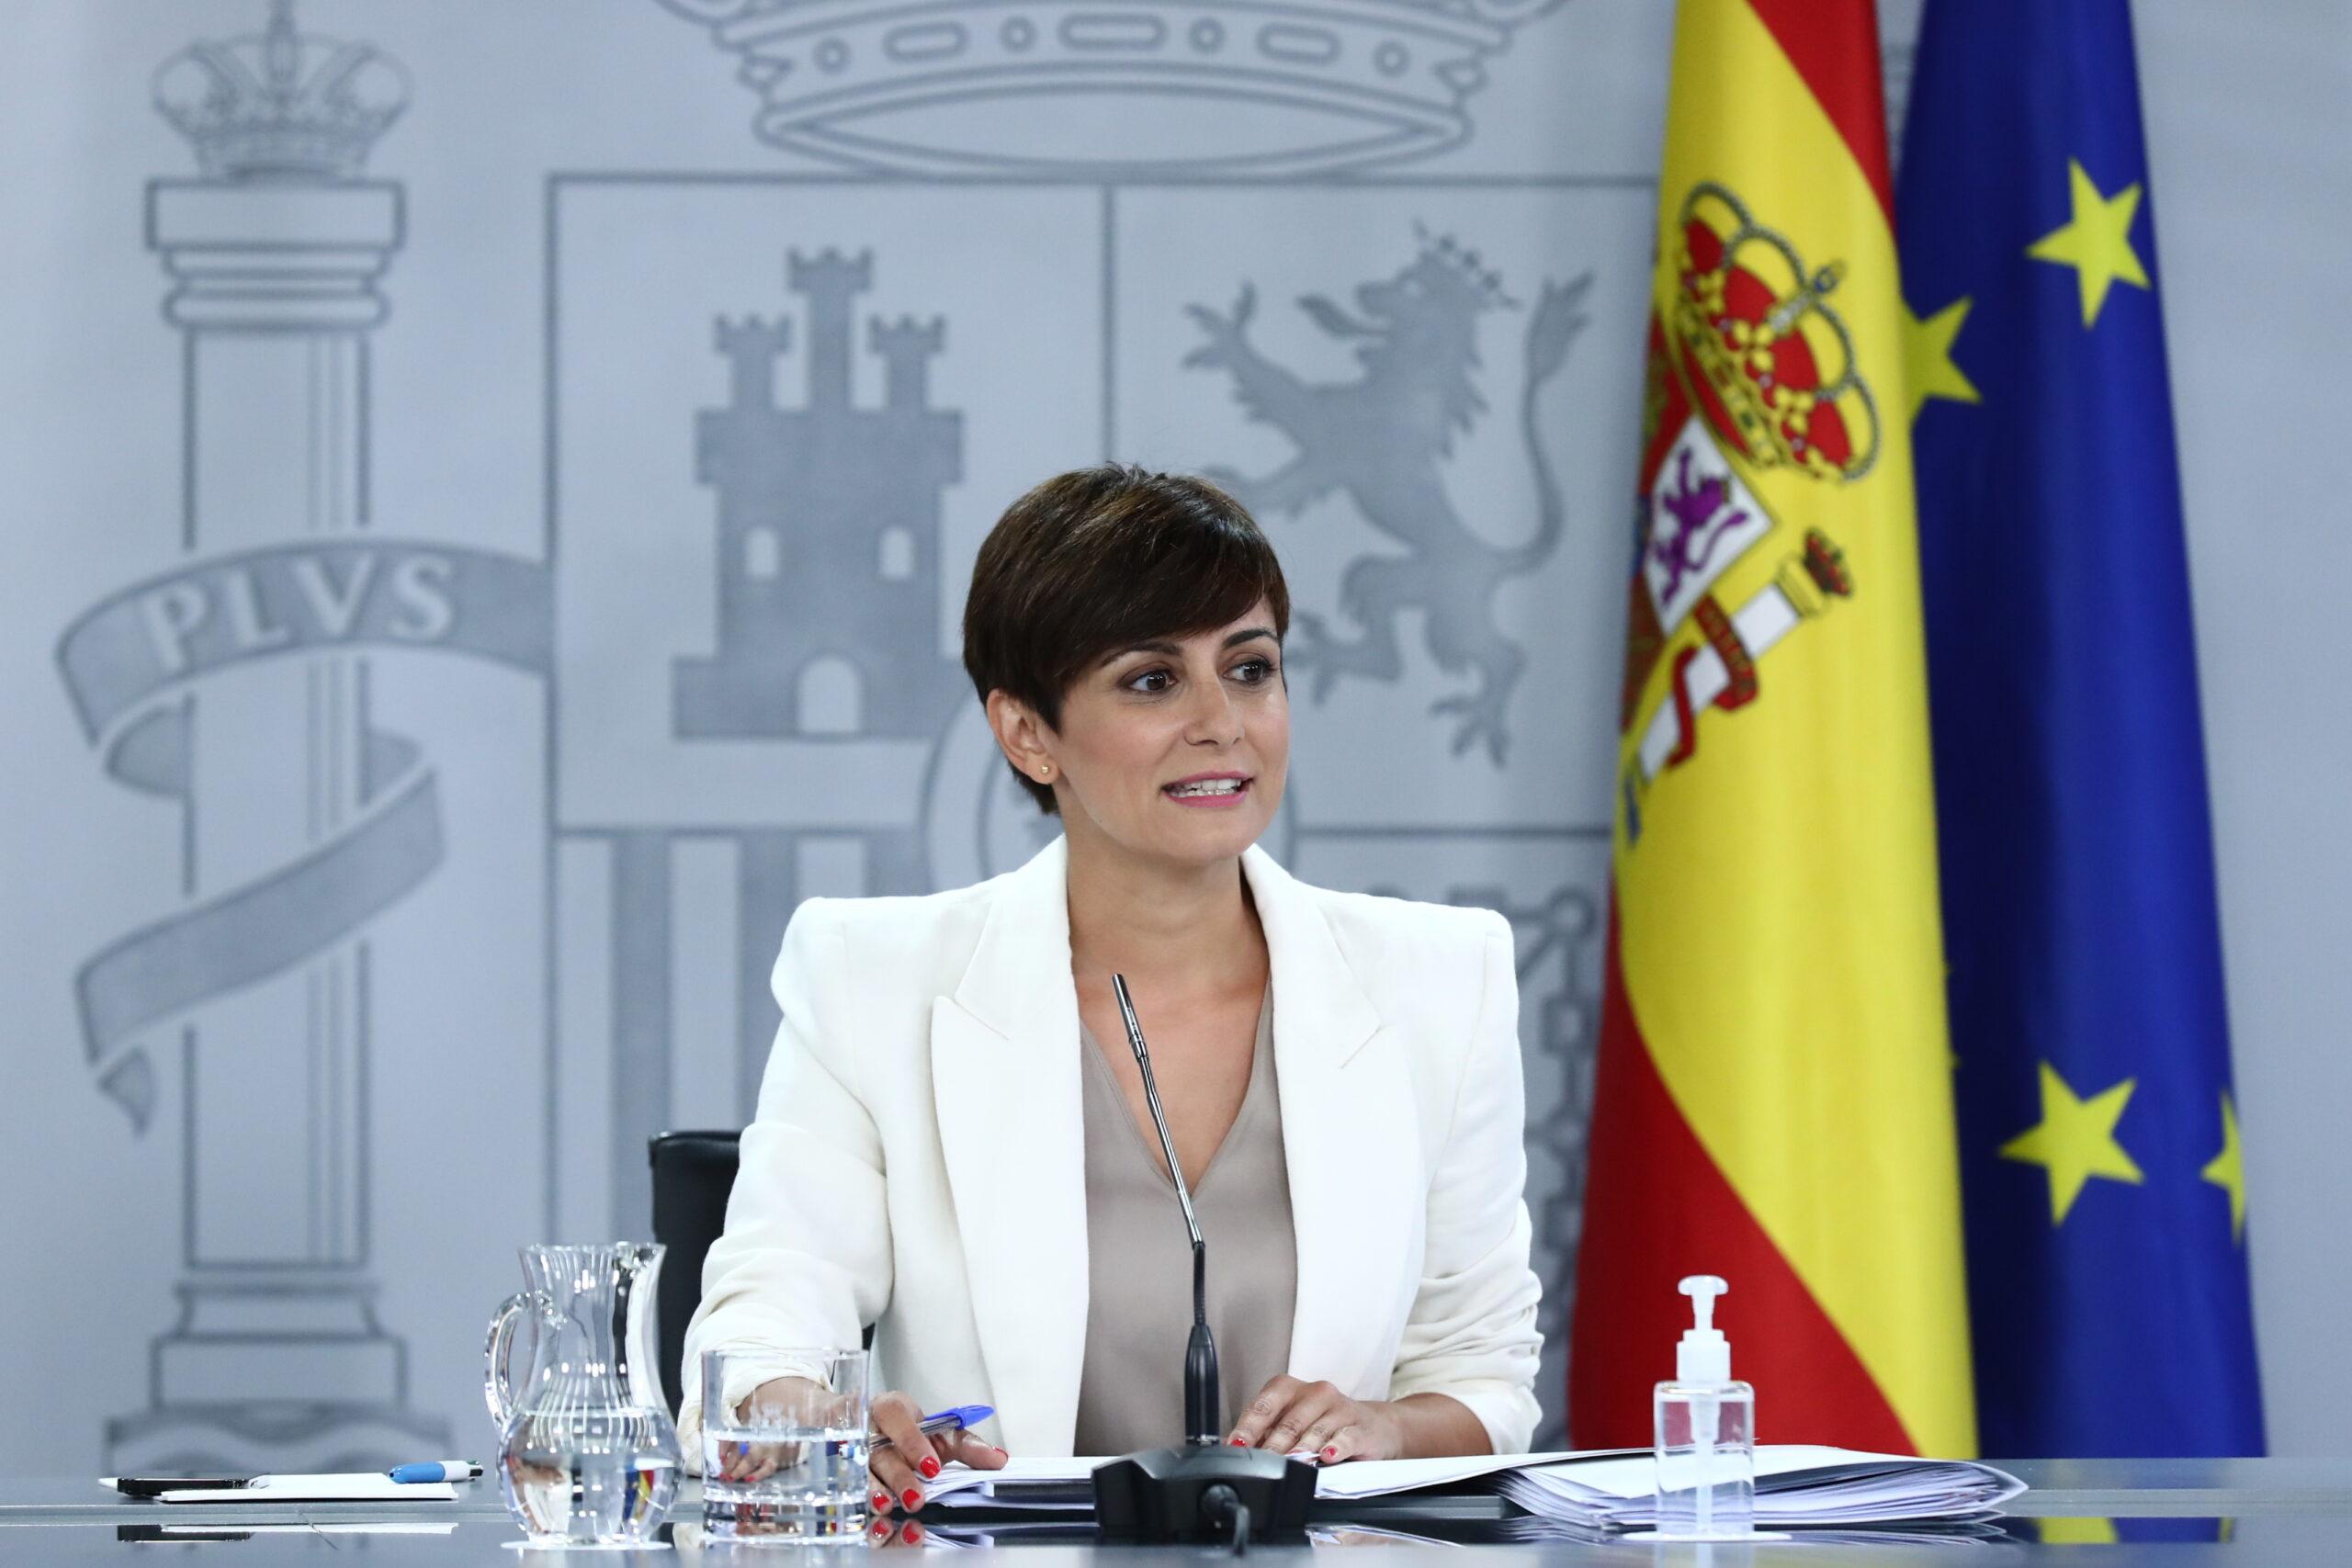 La portaveu del govern espanyol i ministra de Política Territorial, Isabel Rodríguez, a la roda de premsa posterior al Consell de Ministres / ACN